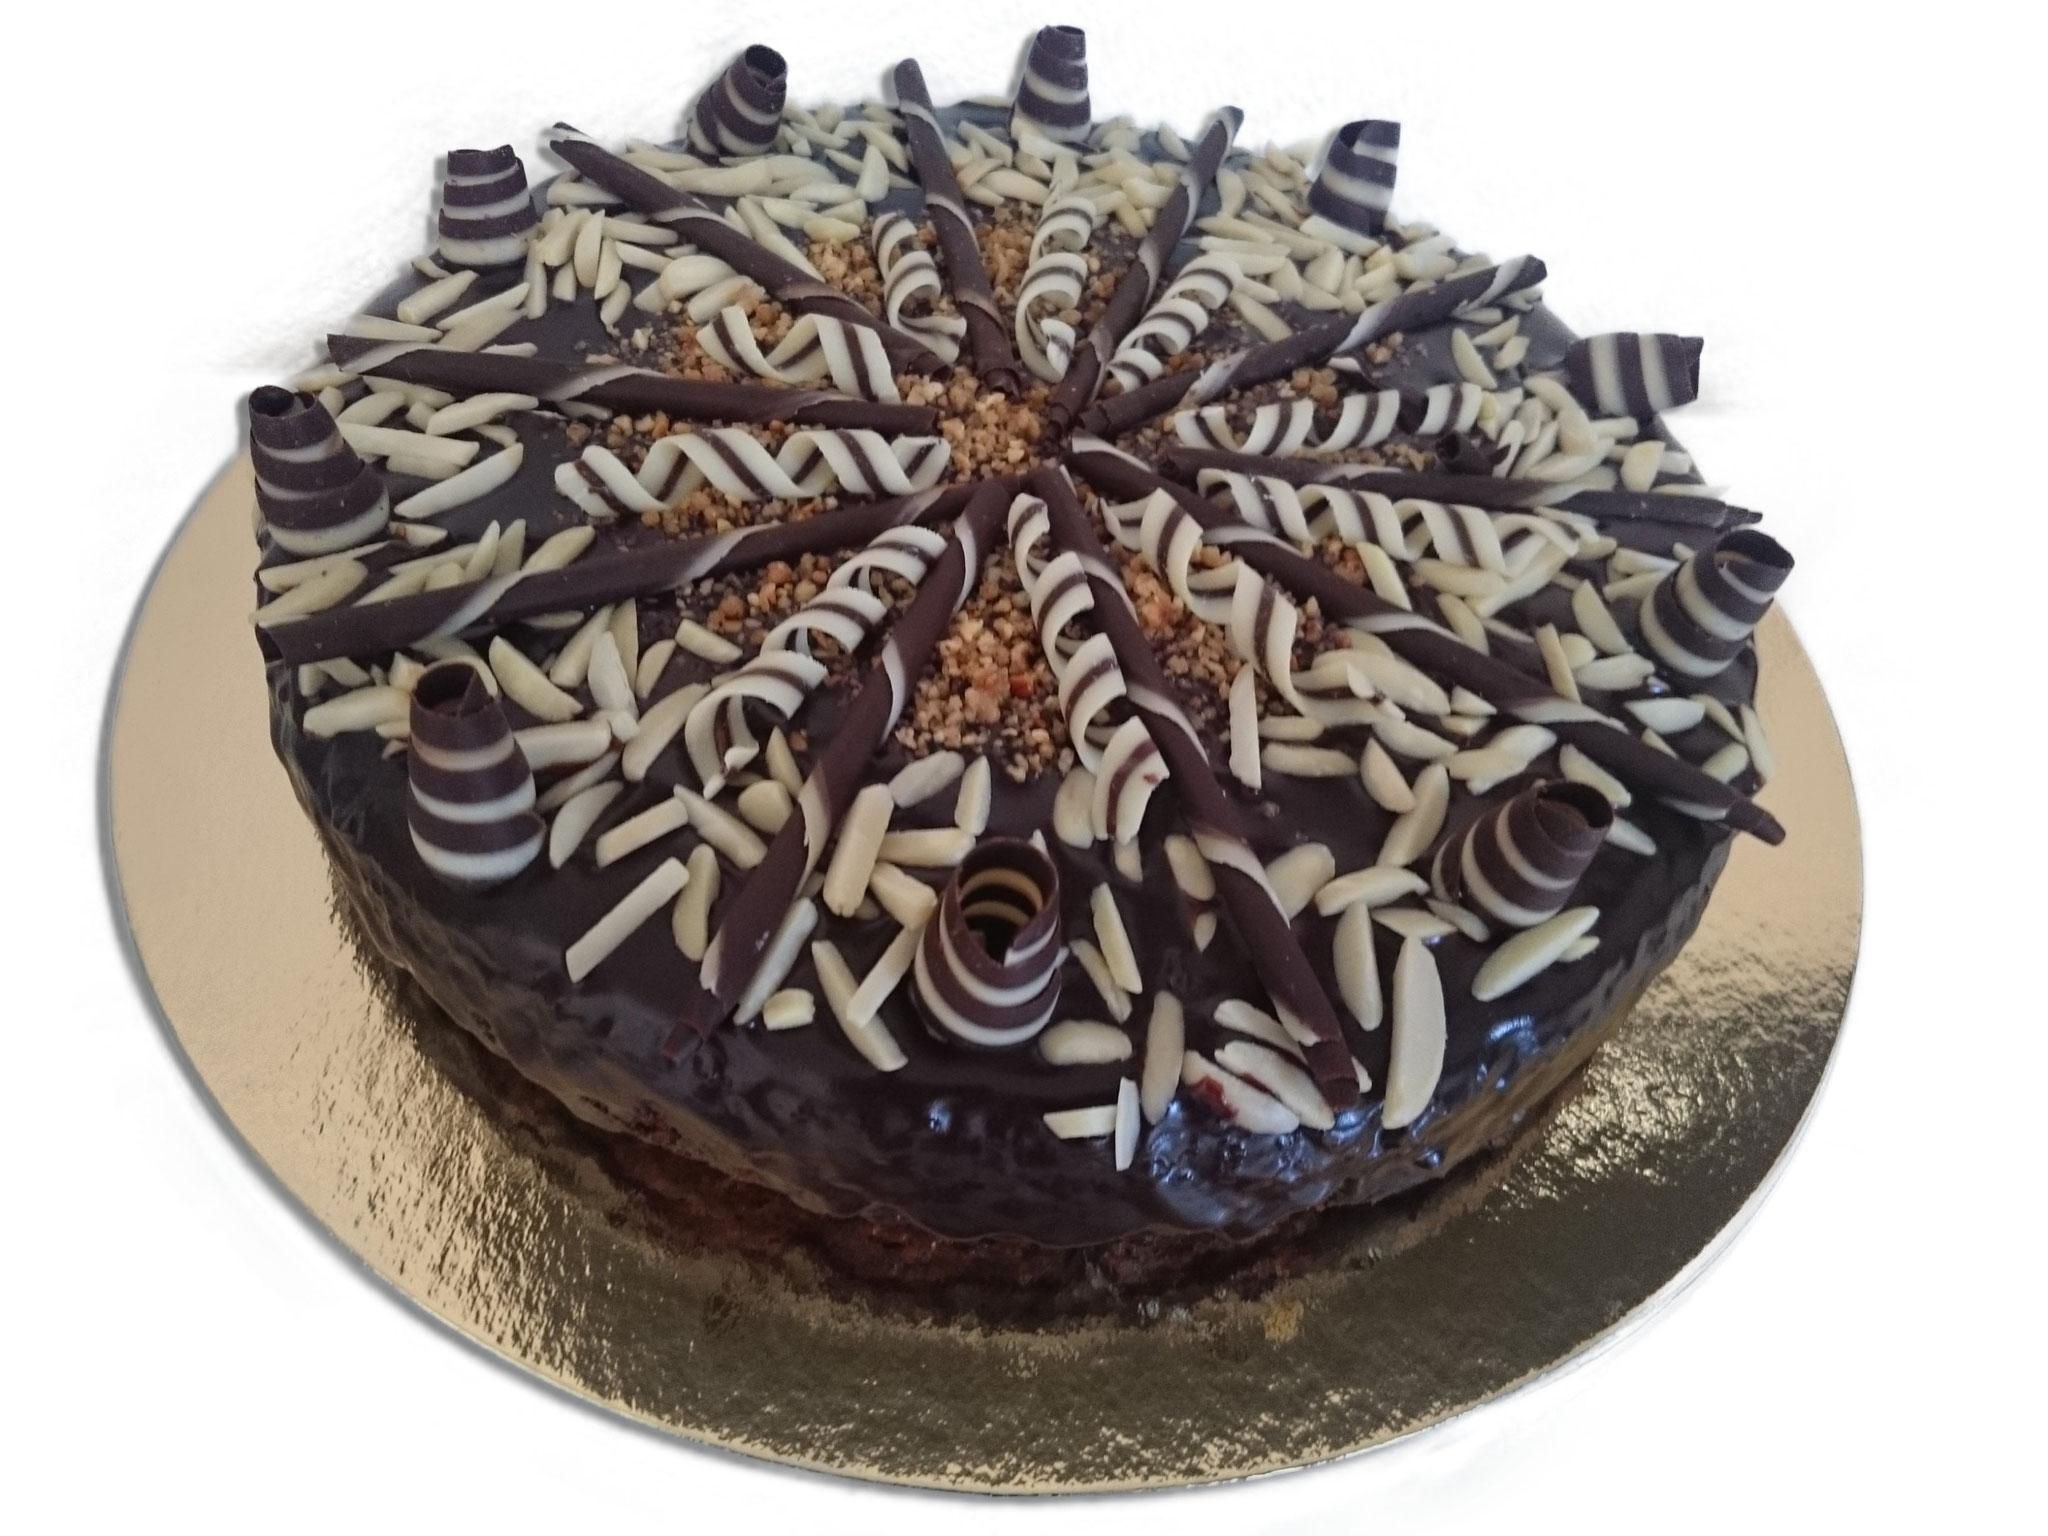 GLUTENFREI. Mandel- Schokoladenkuchen mit Sacherüberzug